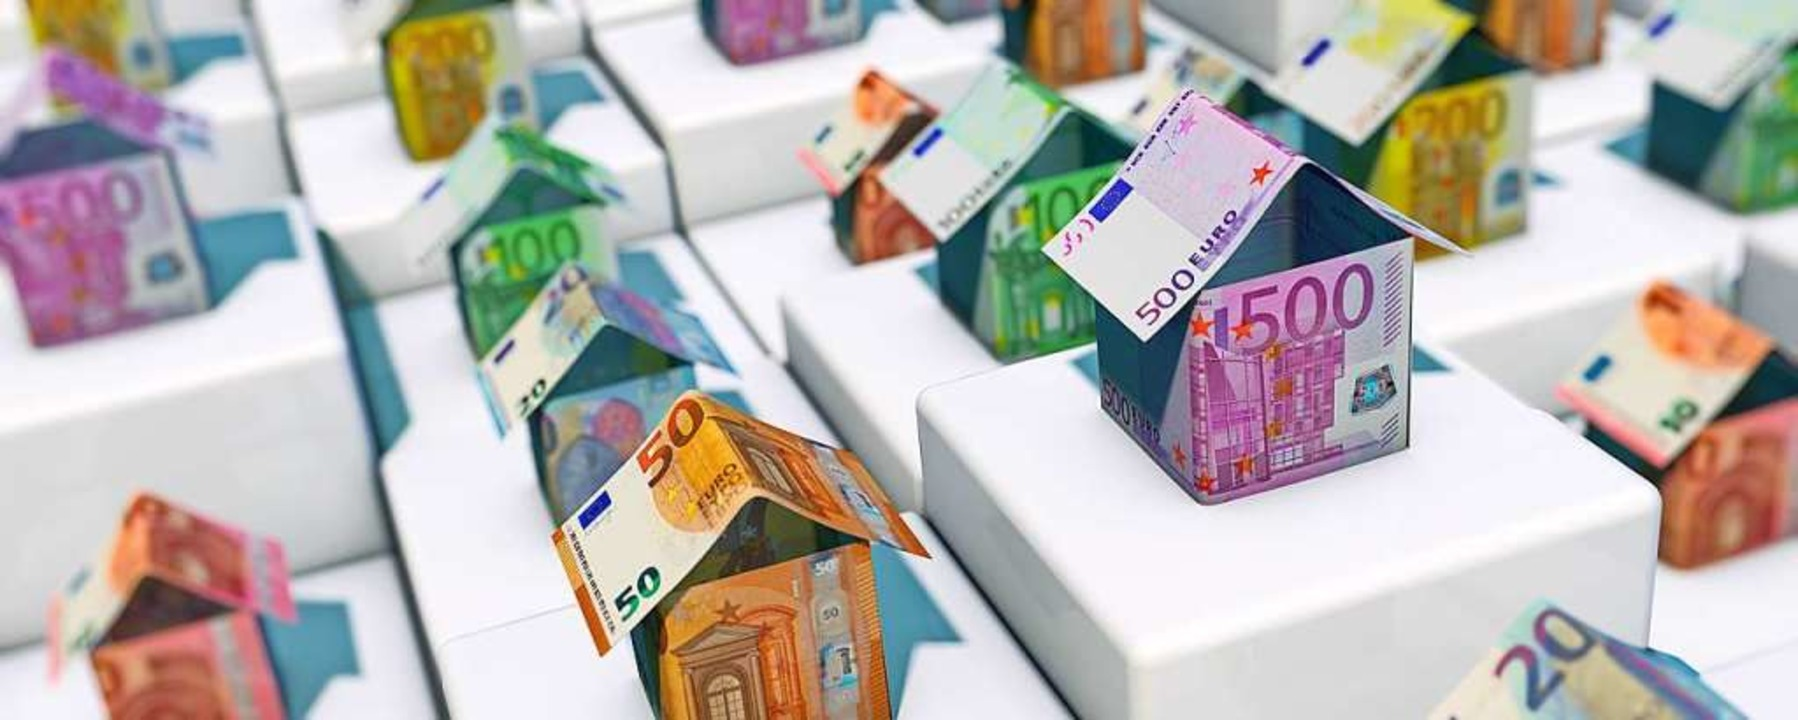 Beim Hauskauf kommen ordentliche Summen zusammen.  | Foto: bluedesign - stock.adobe.com